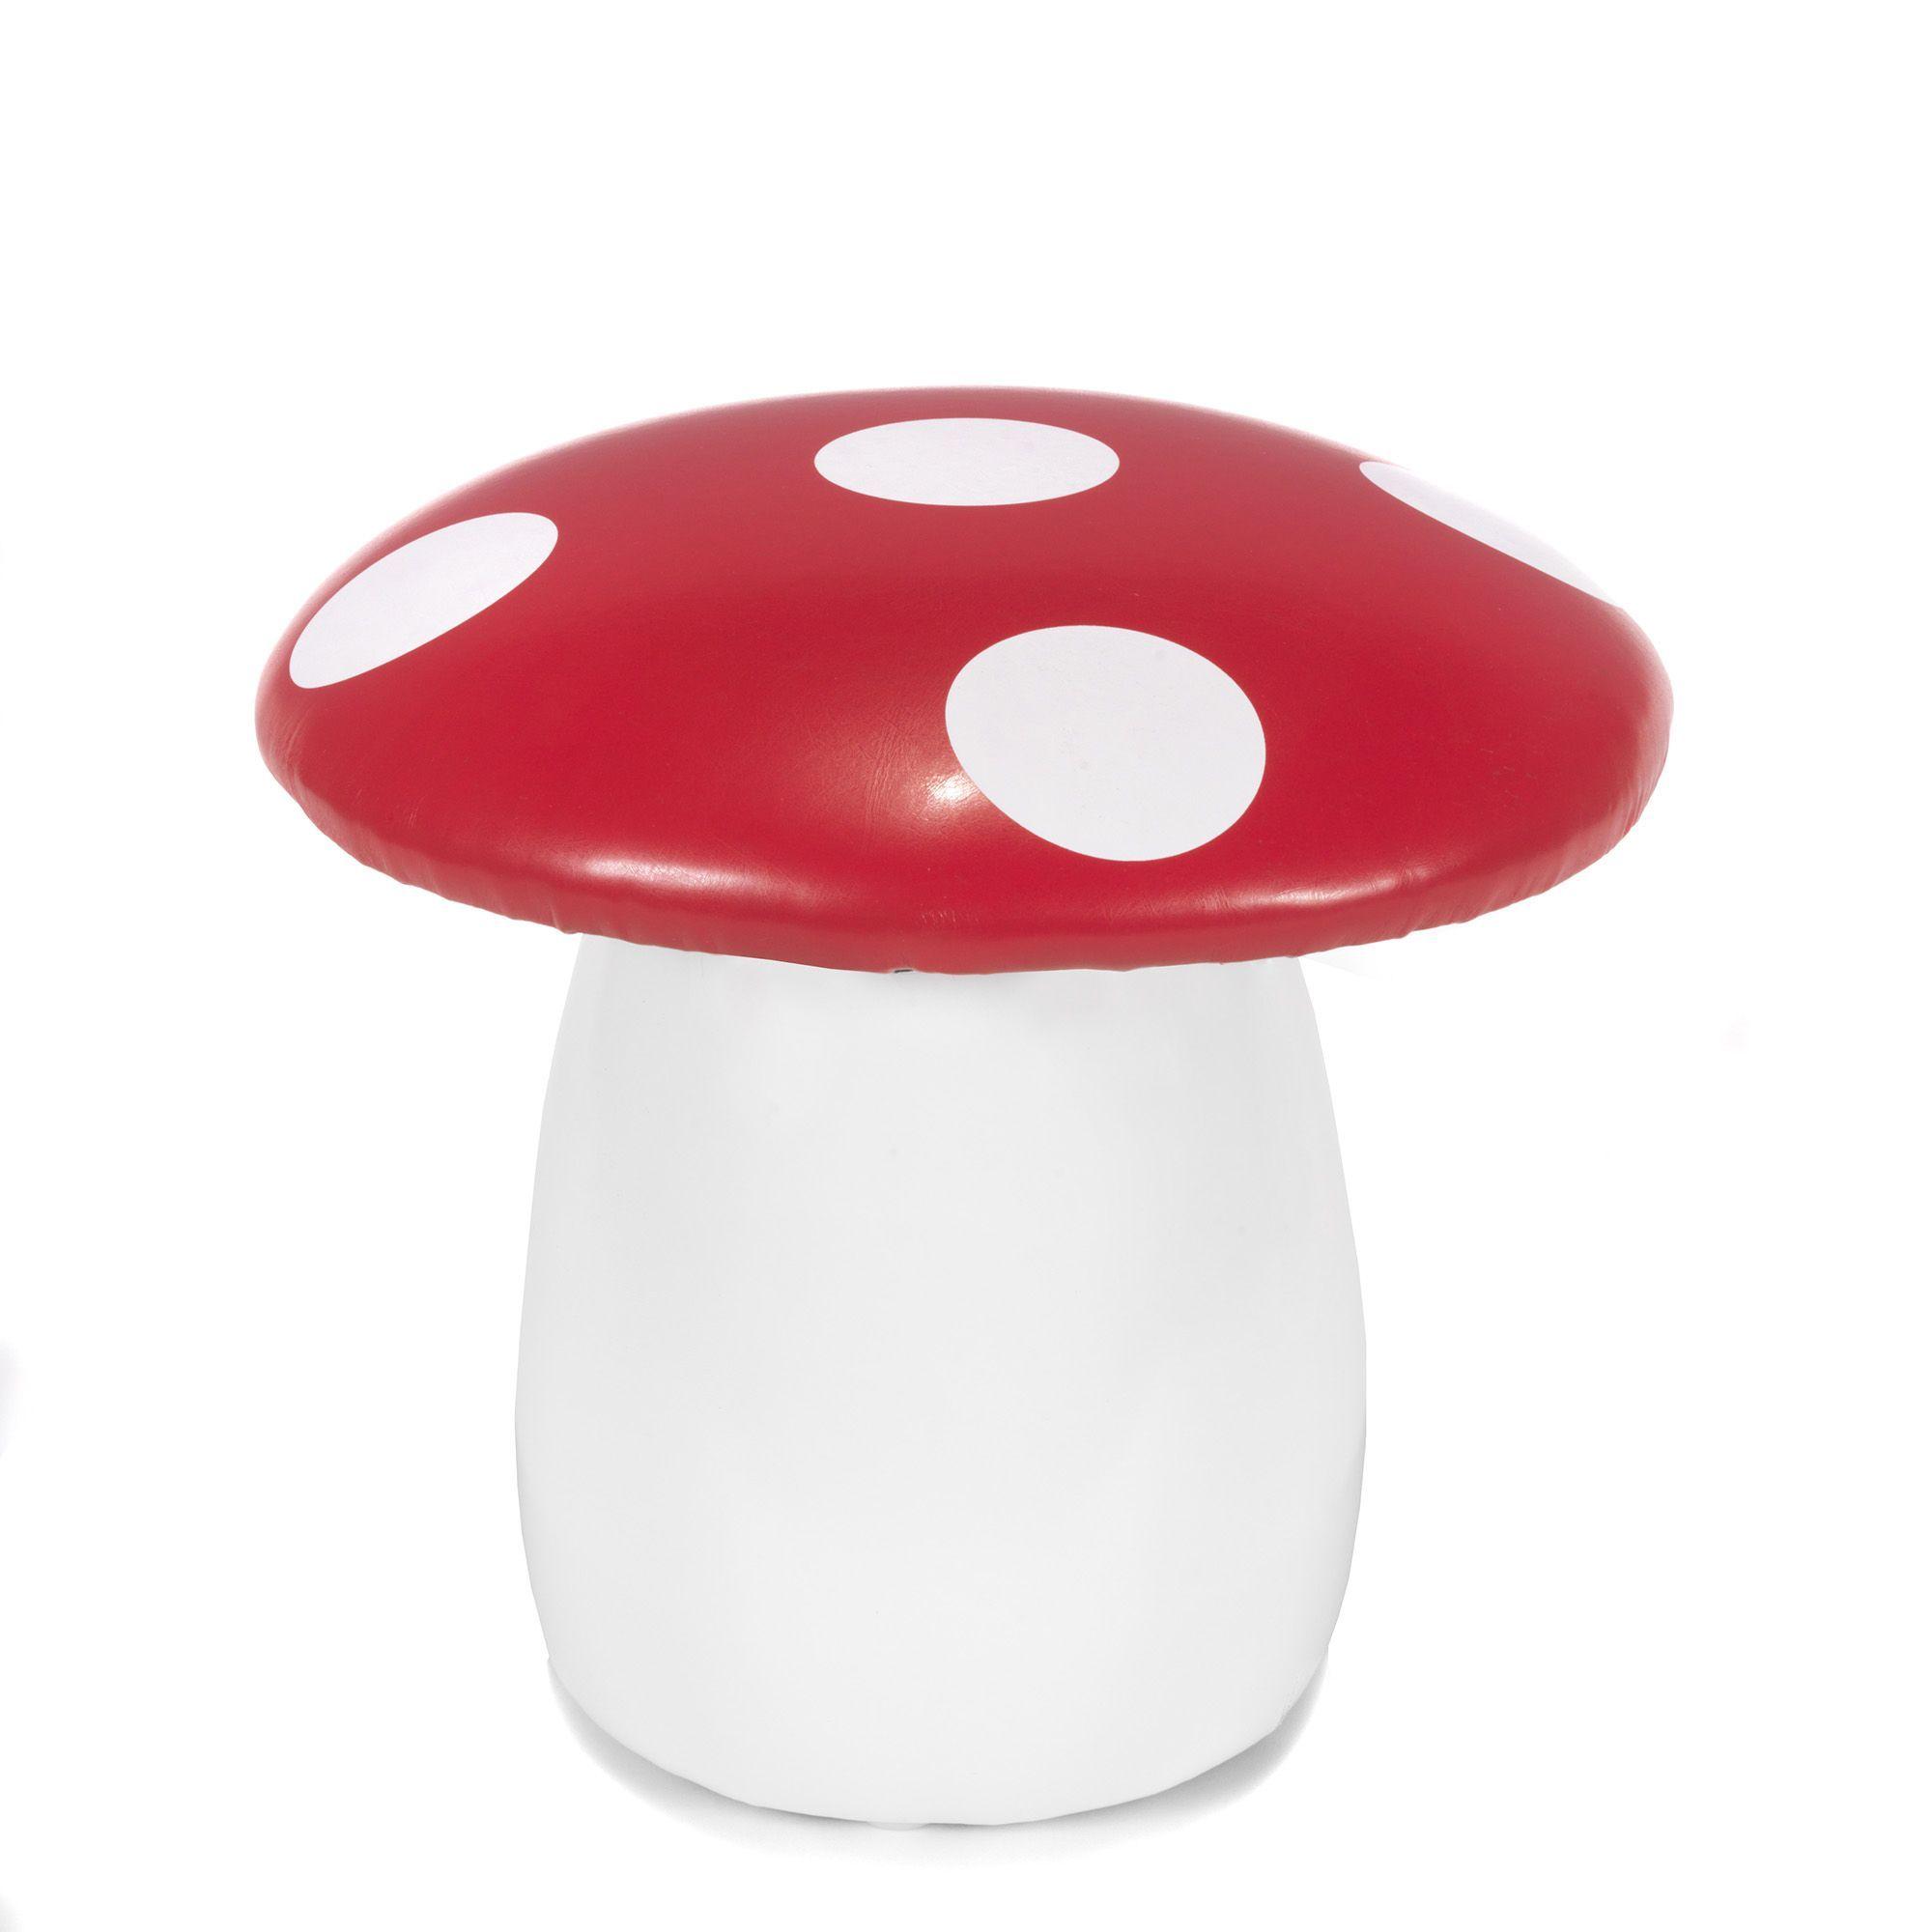 pouf enfant en forme de champignon rouge blanc champi les coussins enfants coussins. Black Bedroom Furniture Sets. Home Design Ideas